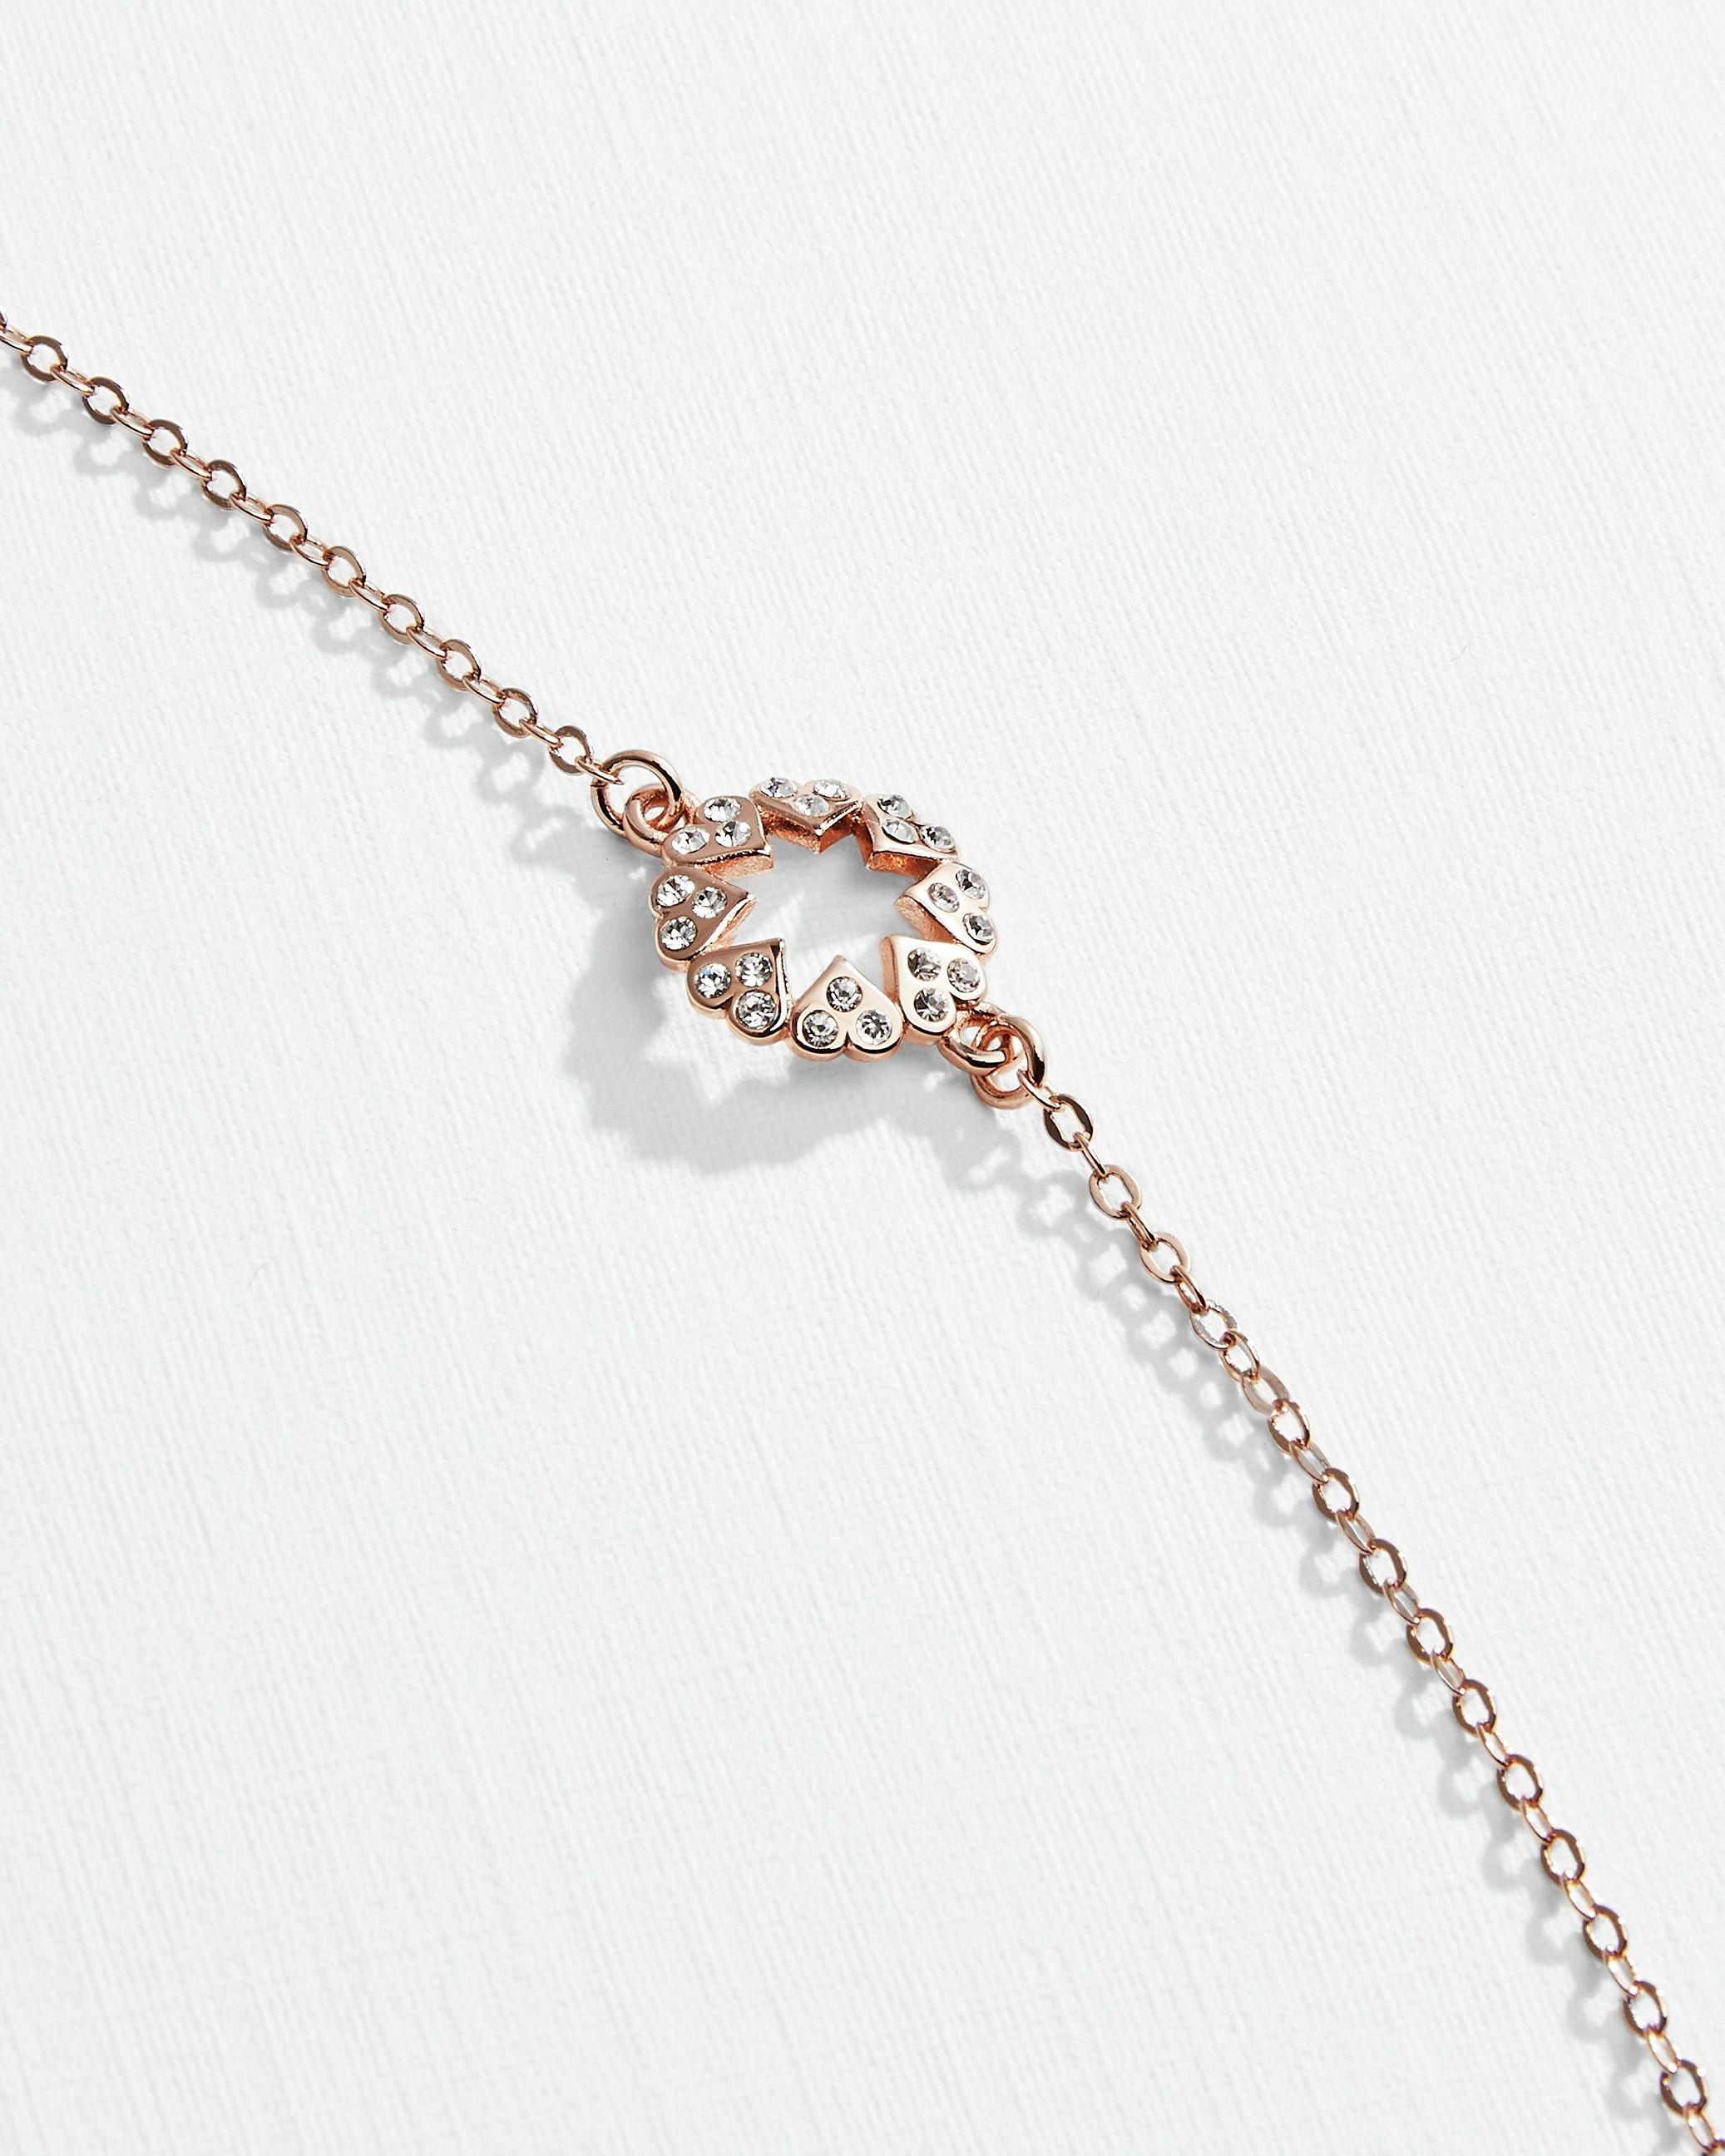 Ted Baker Hershie Heart Star Bracelet in Rose Gold